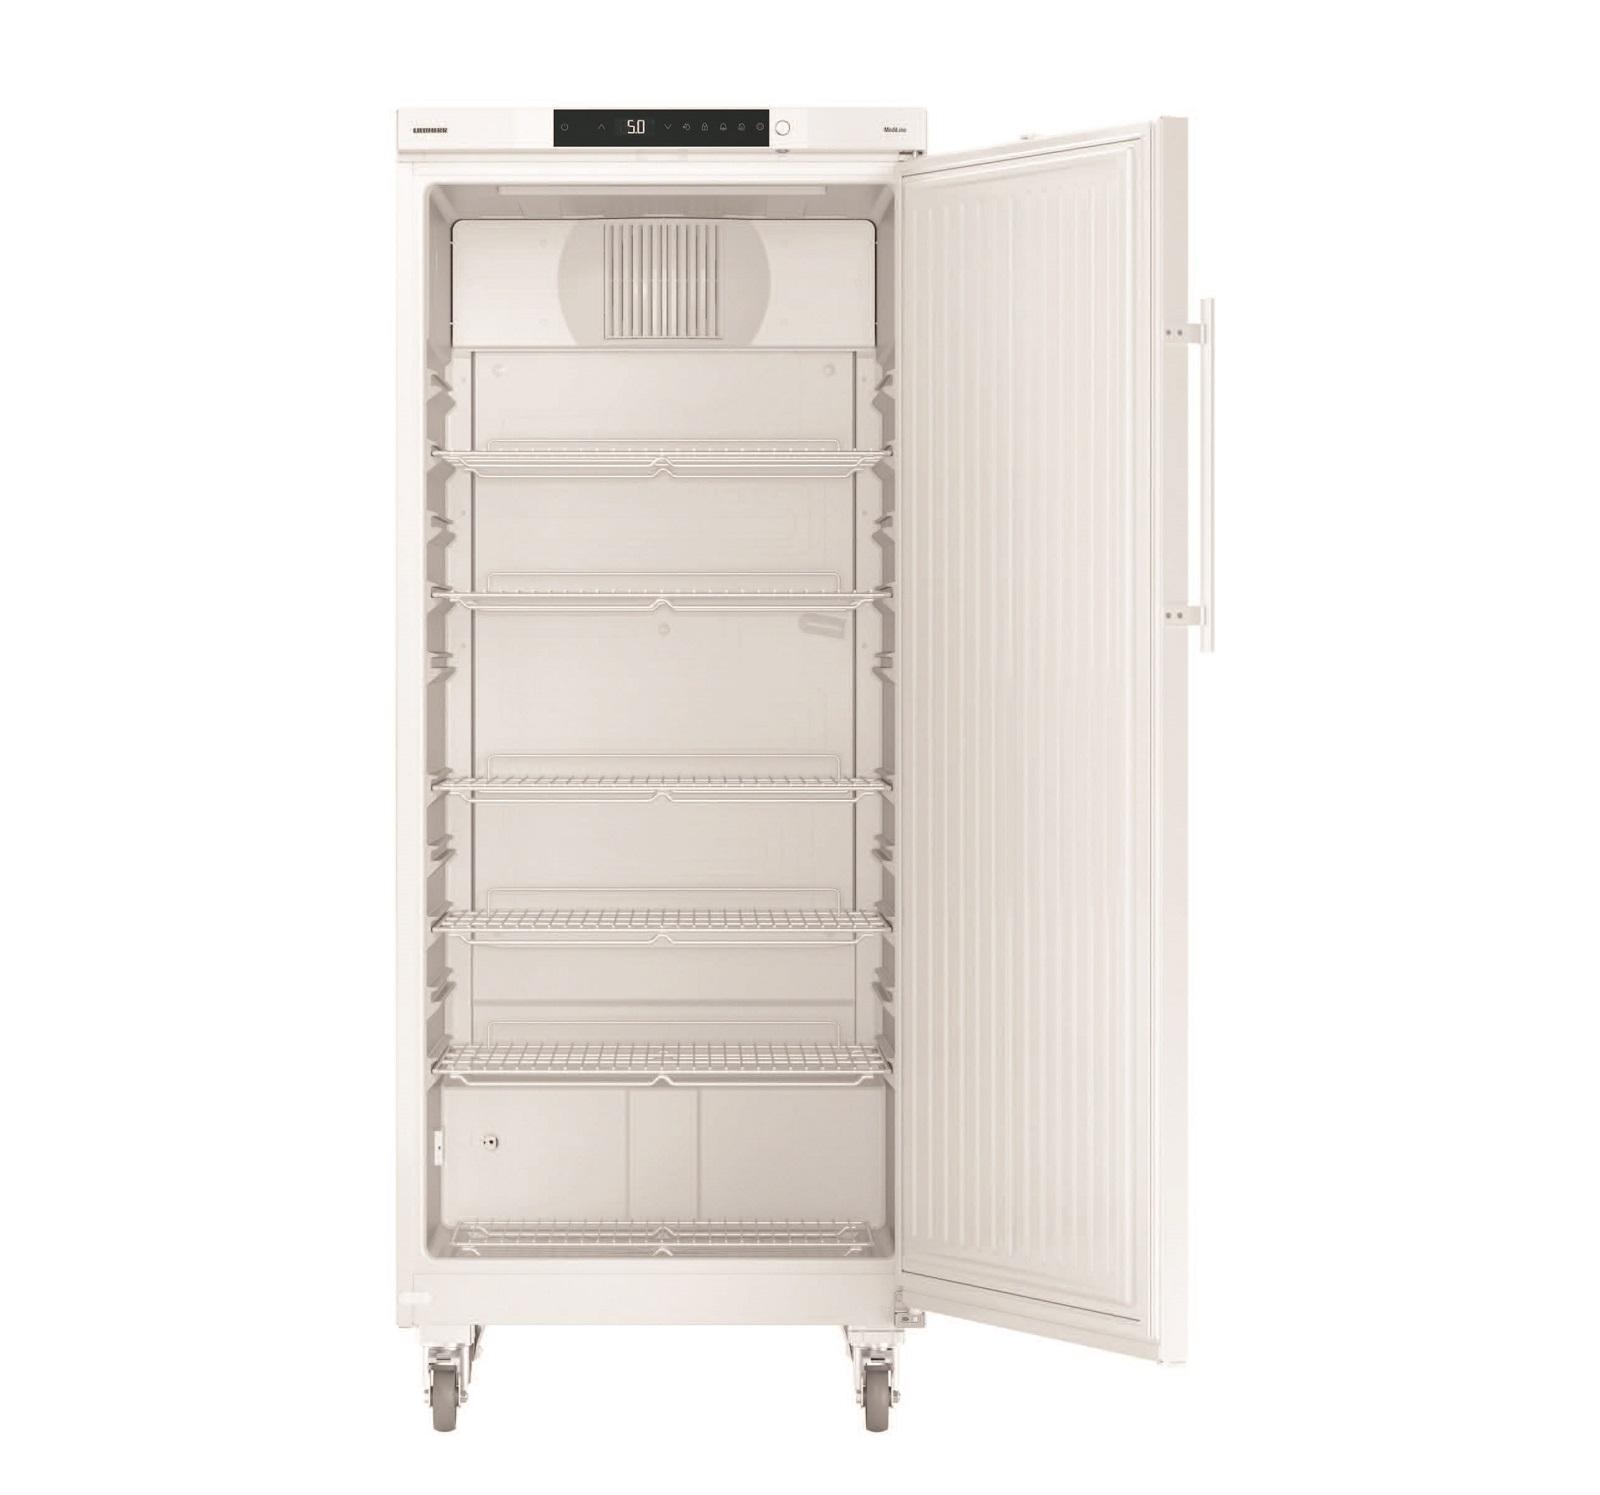 купить Лабораторный холодильный шкаф Liebherr  LKv 5710 Украина фото 2